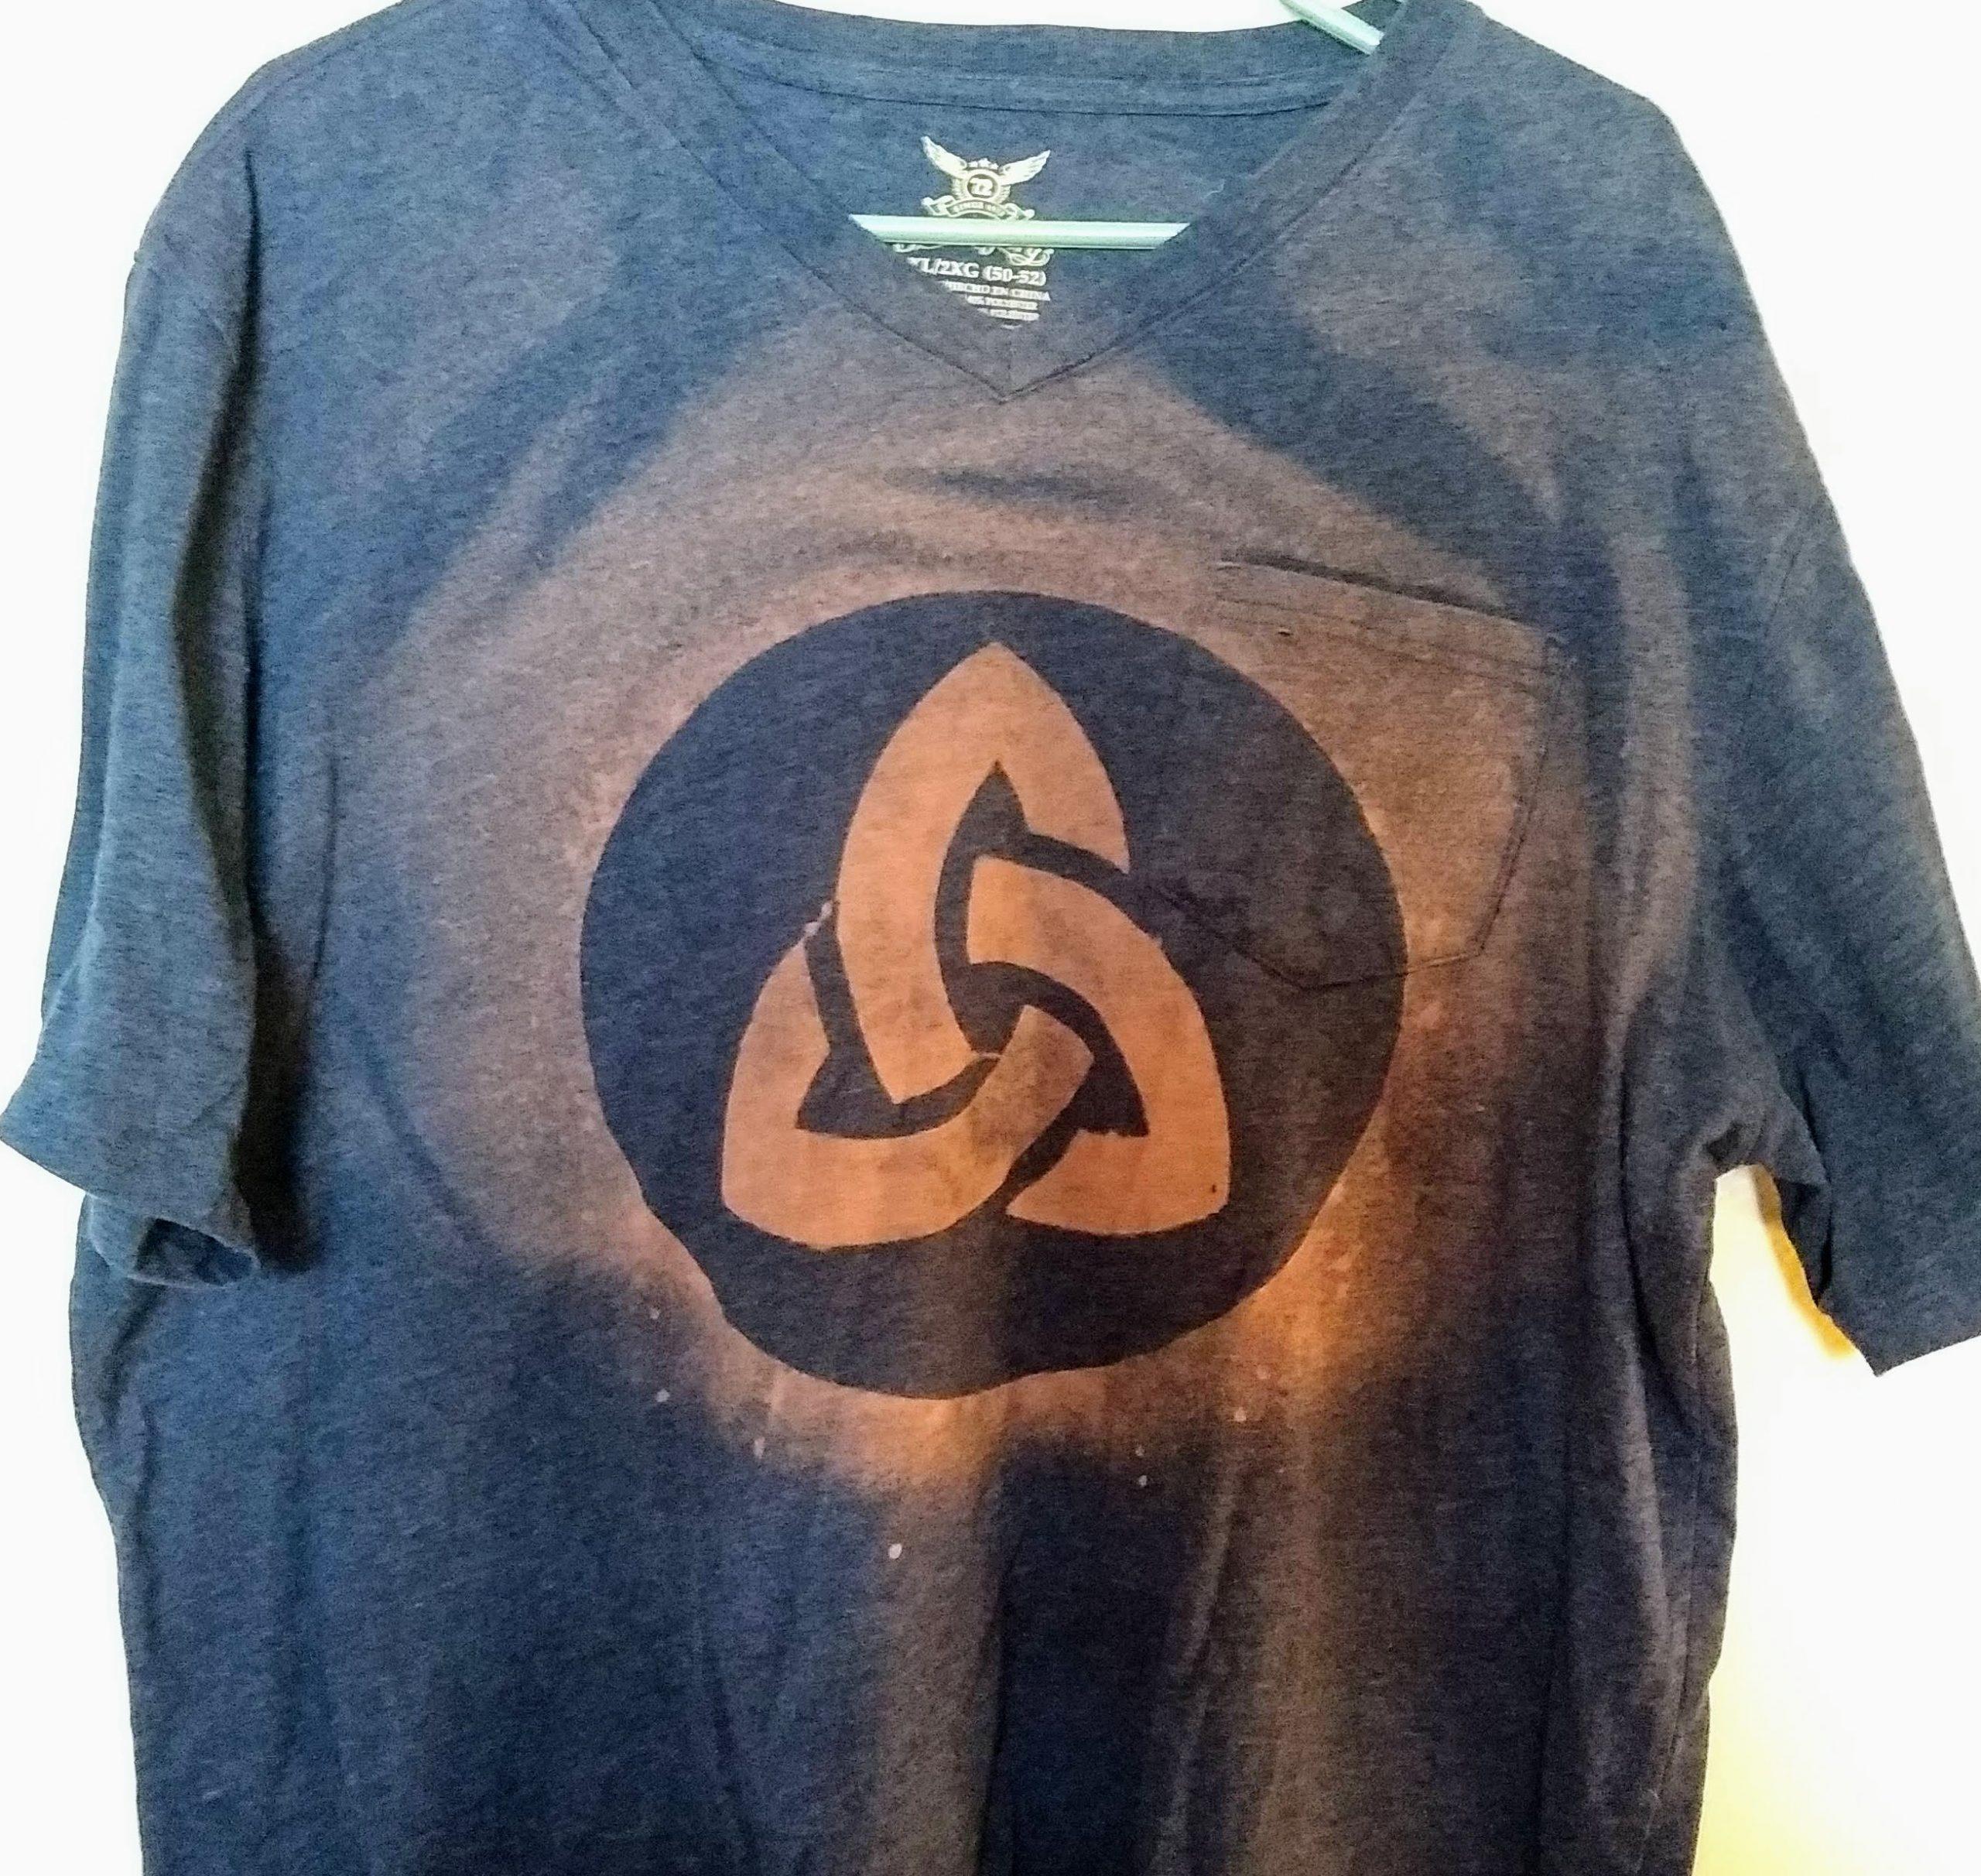 Vinyl Bleach Shirts Made Simple